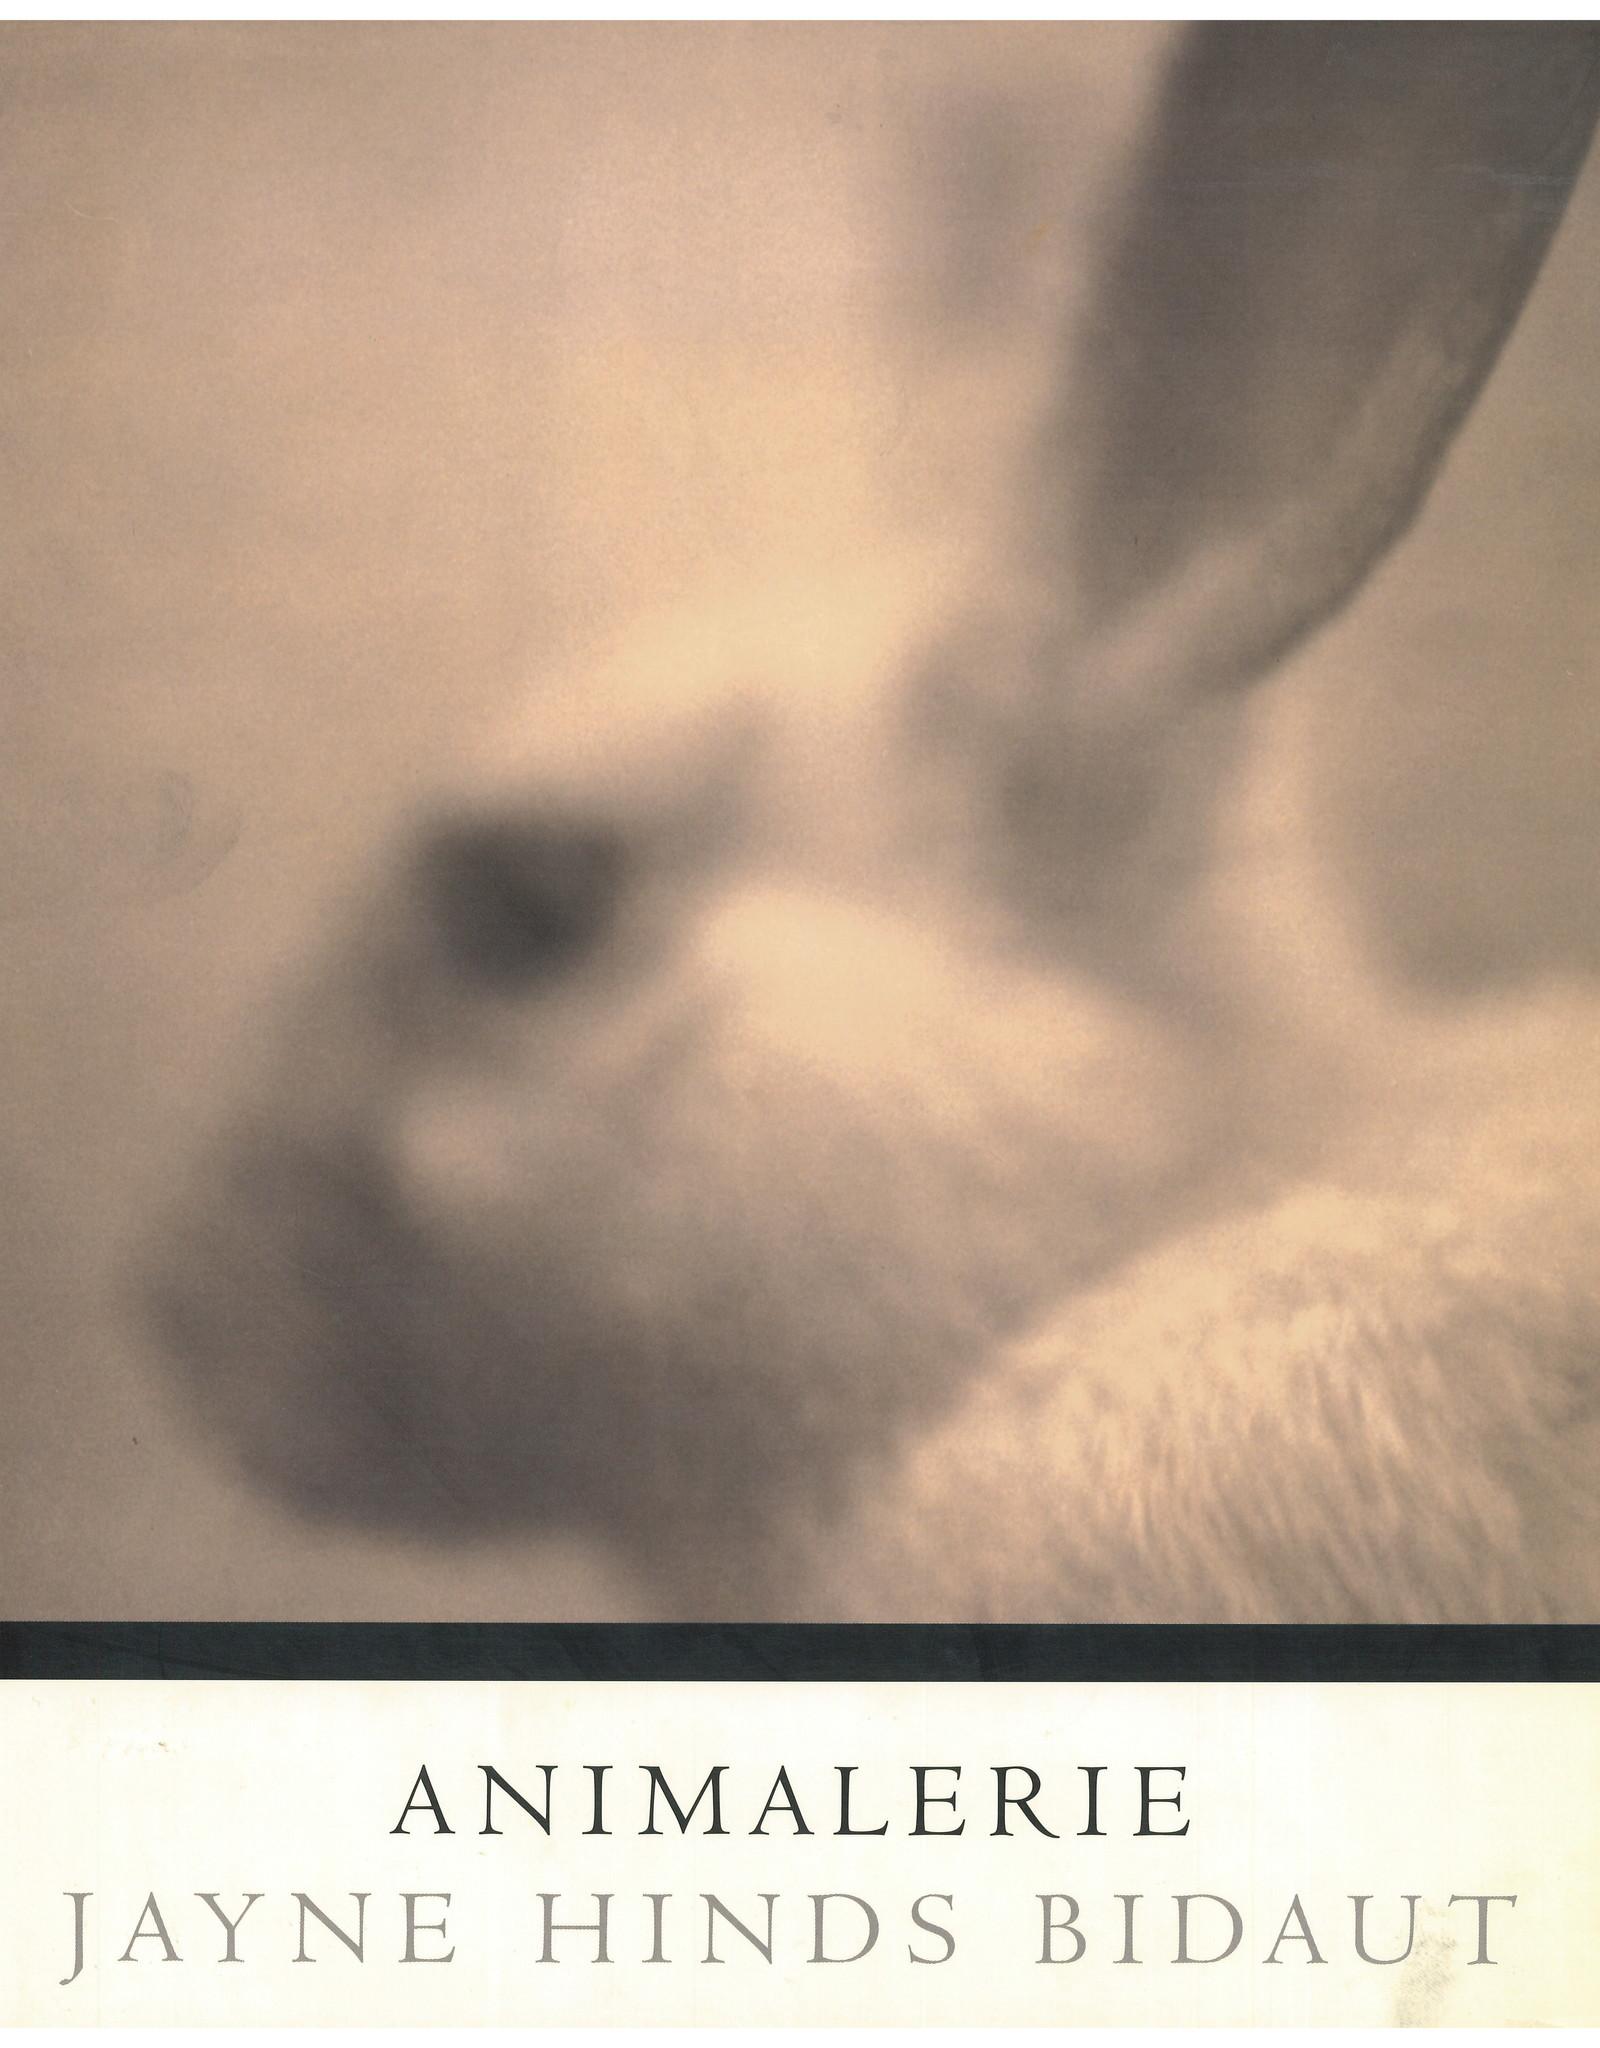 Animalerie / Jayne Hids Bidaut